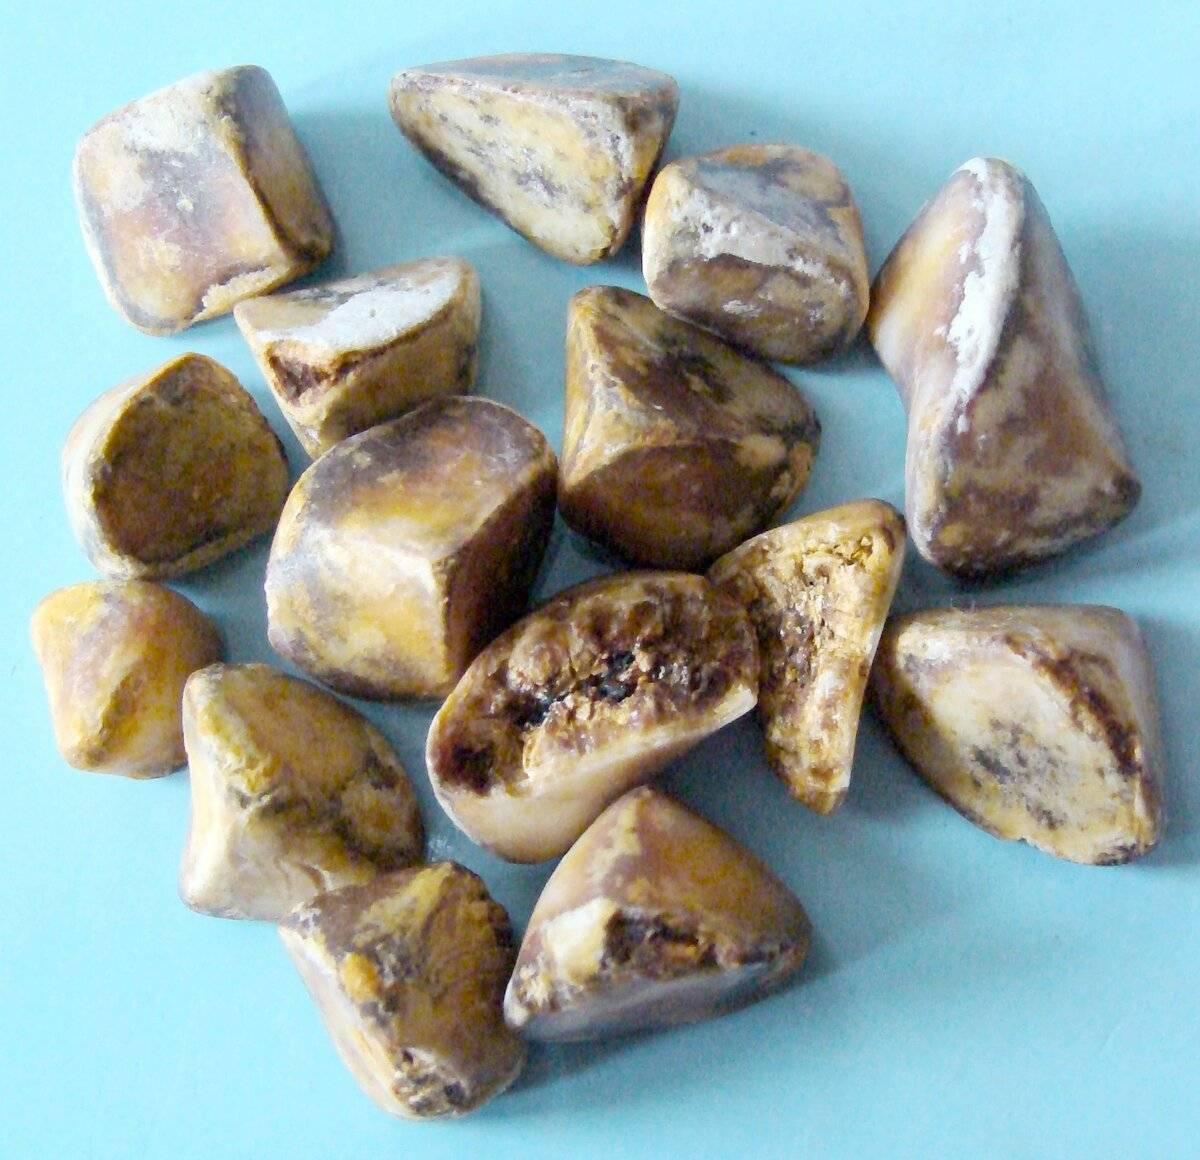 Желчнокаменная болезнь (калькулёзный холецистит). причины, симптомы, современная диагностика и эффективное лечение камней в желчном пузыре.